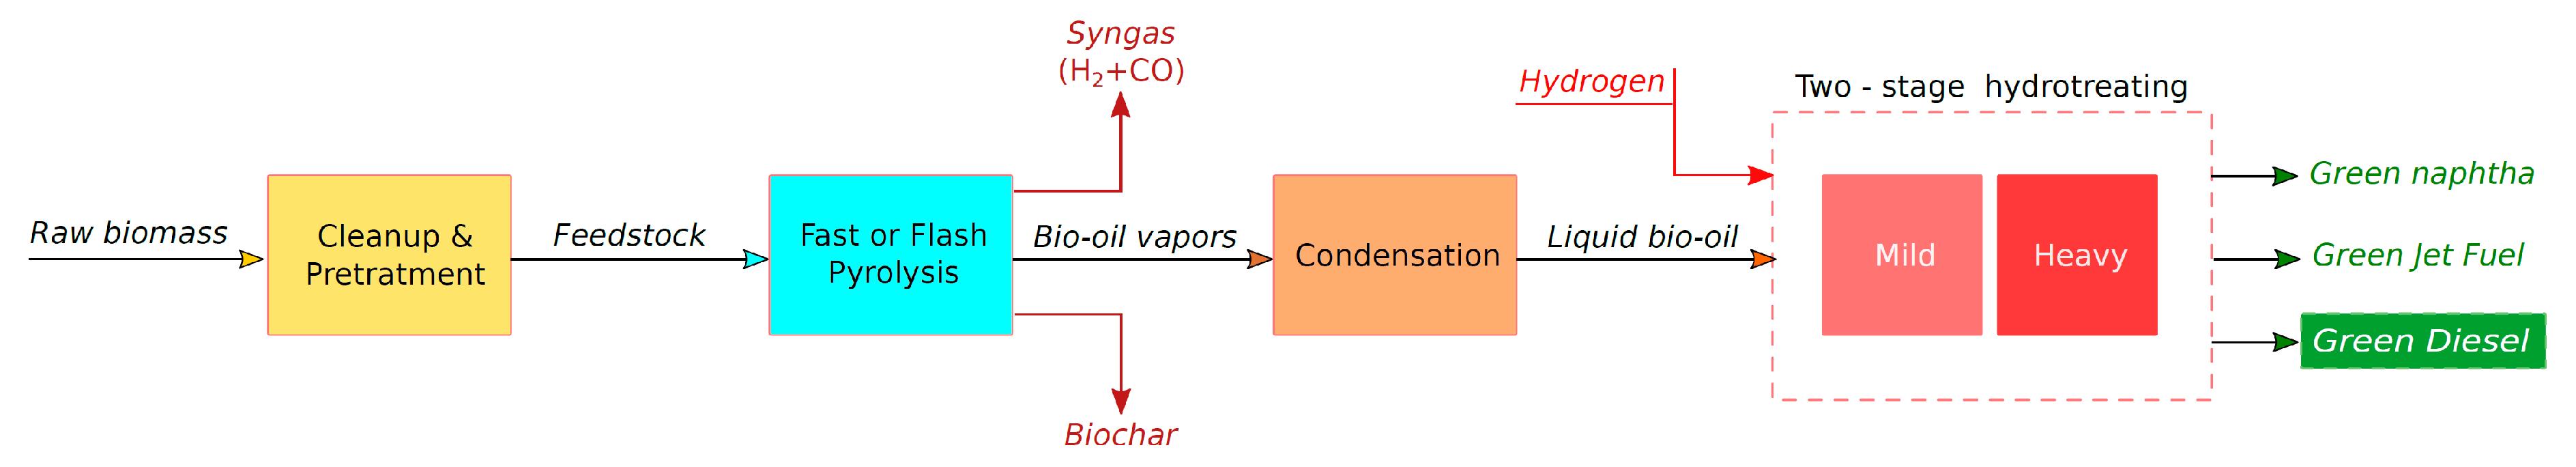 Energies | Free Full-Text | Green Diesel: Biomass Feedstocks